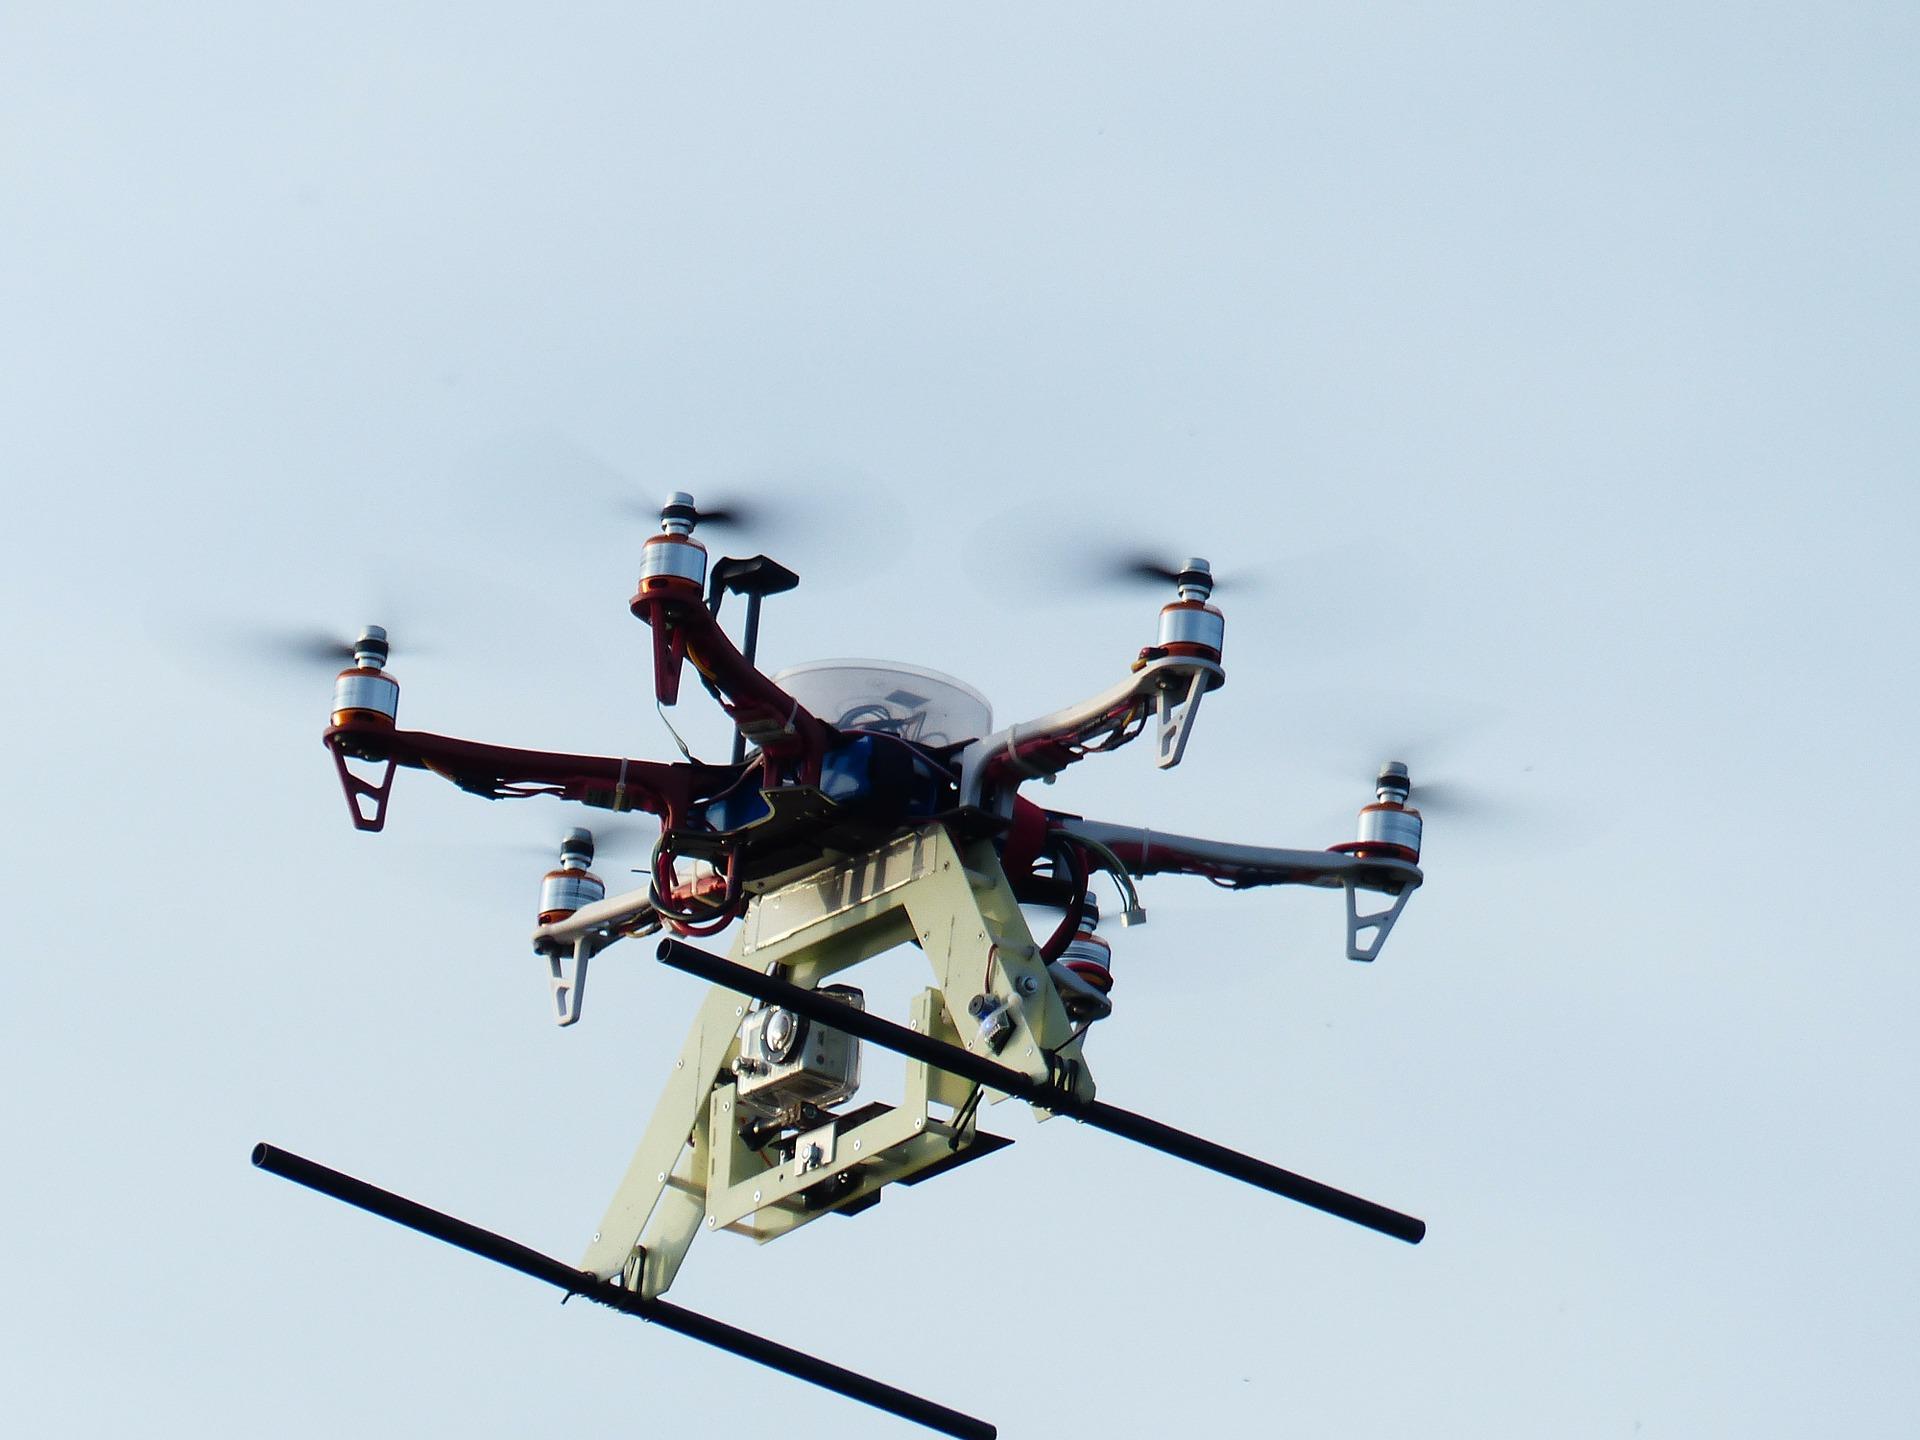 hexacopter-113478_1920